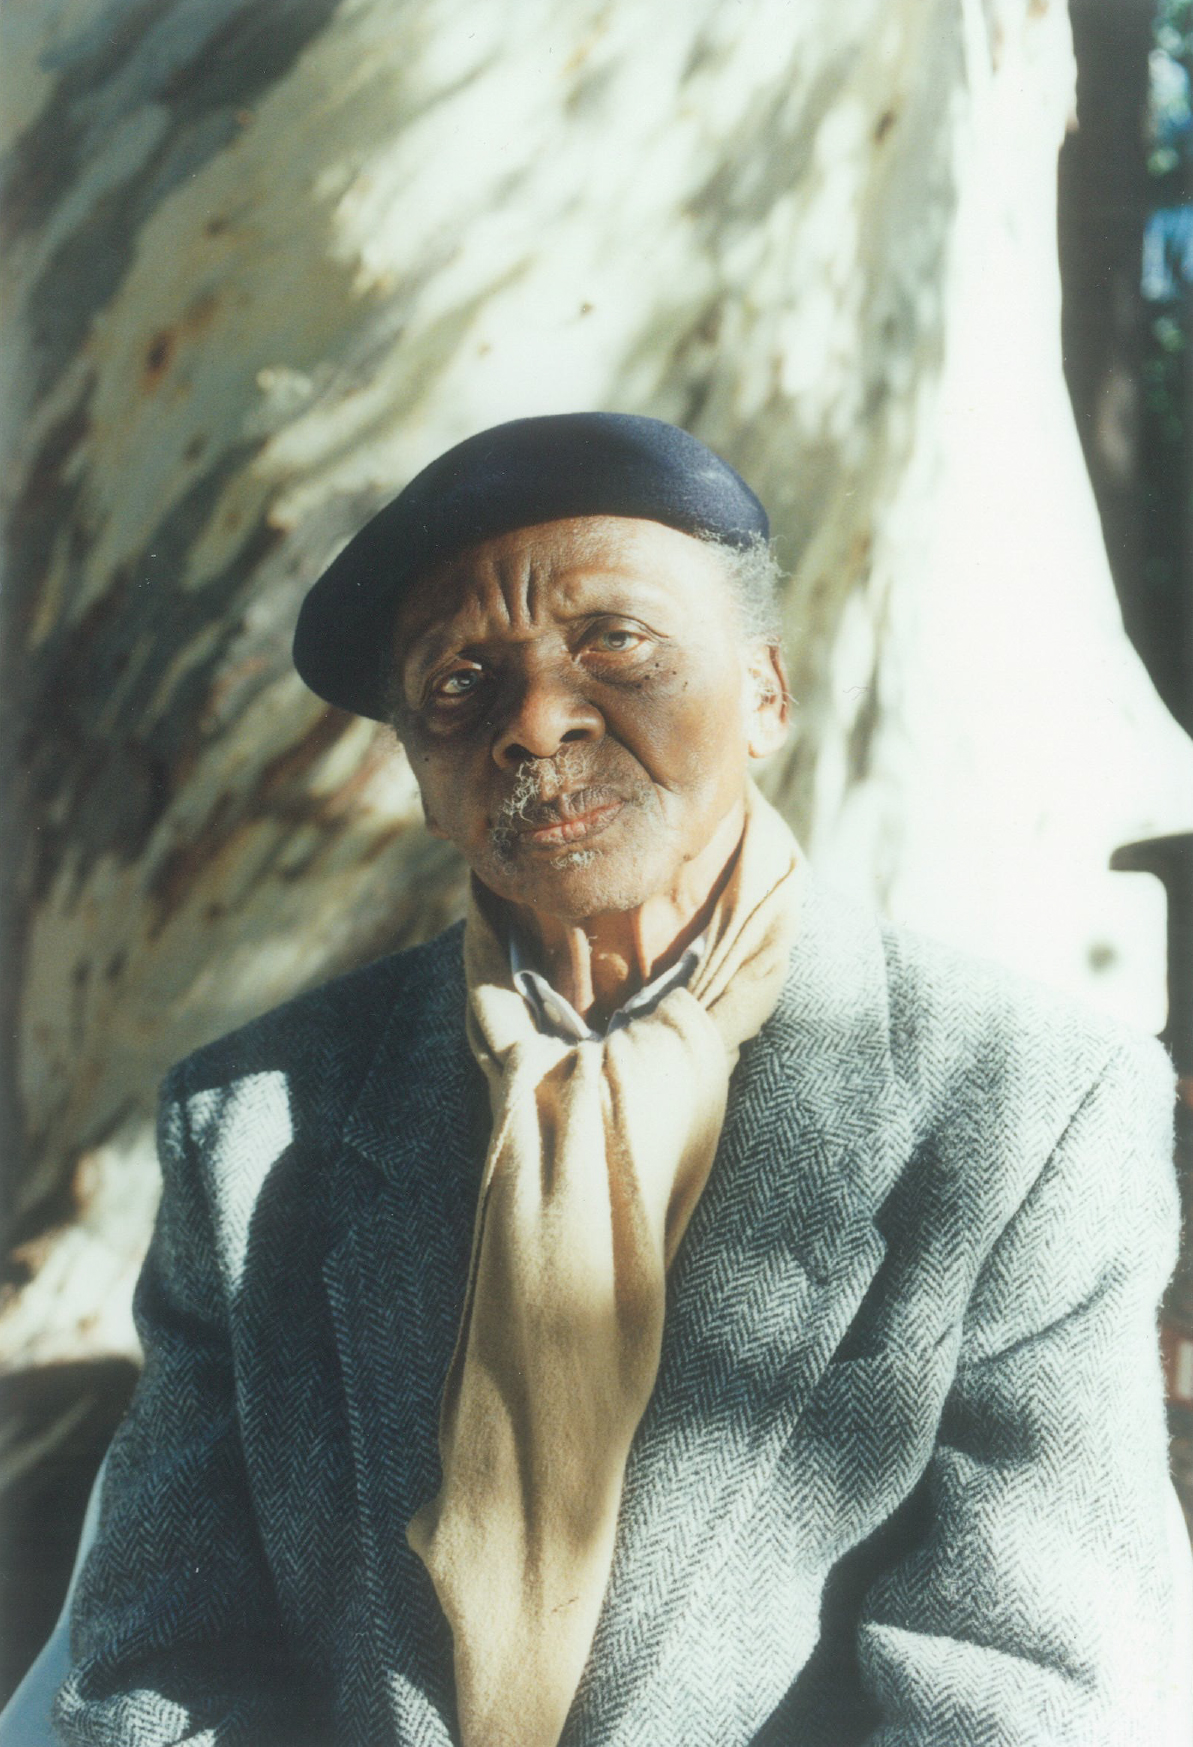 Porträtt av konstnären Ernest Mancoba